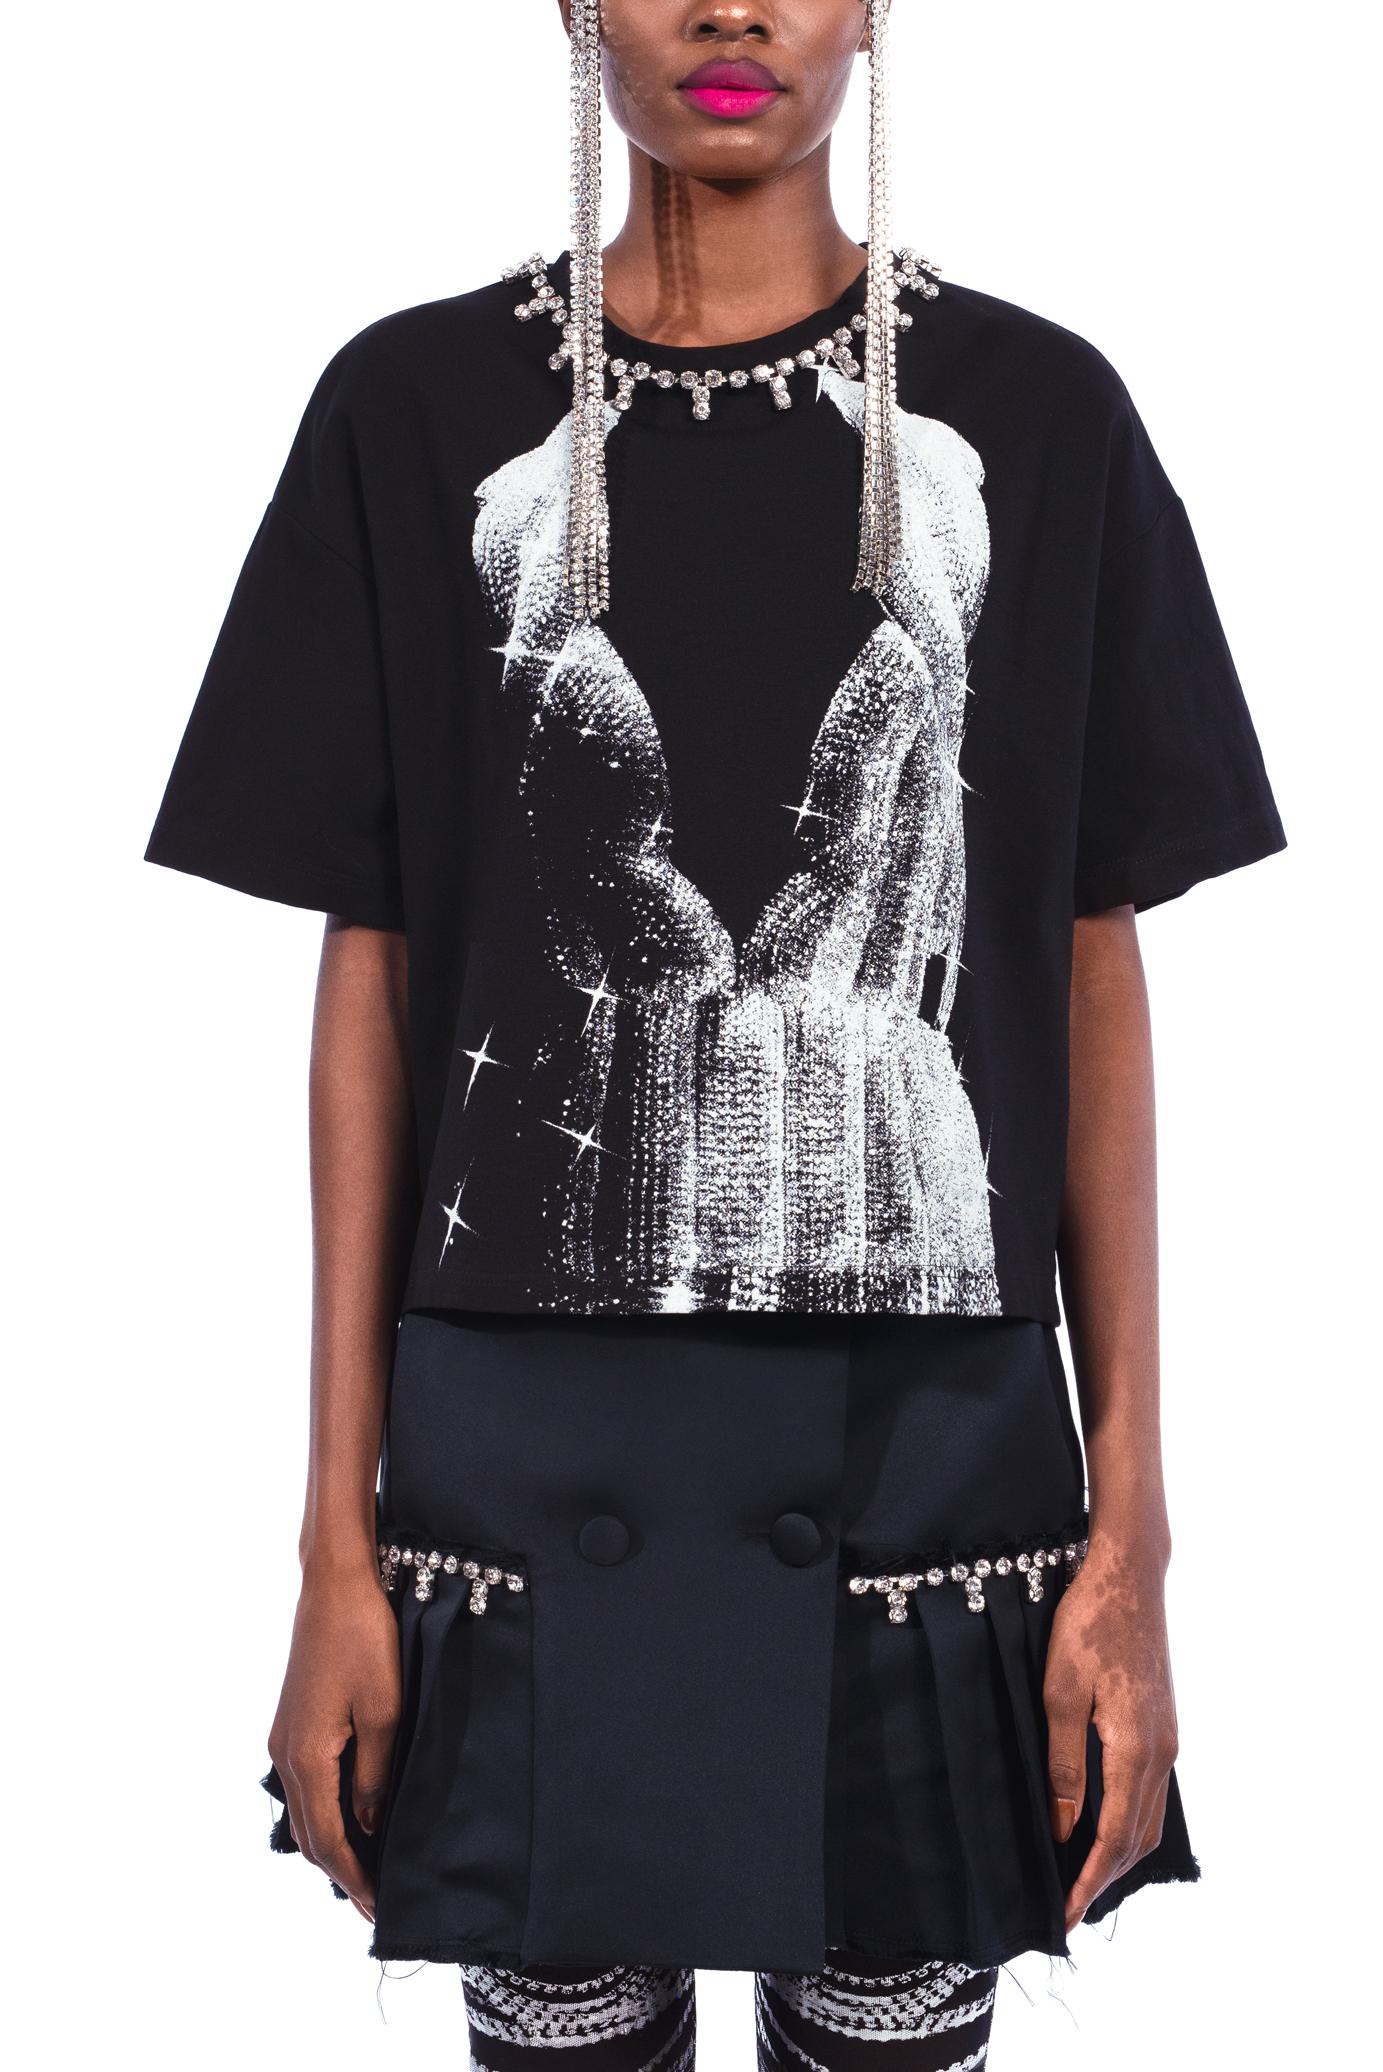 Printed Crystal T-shirt